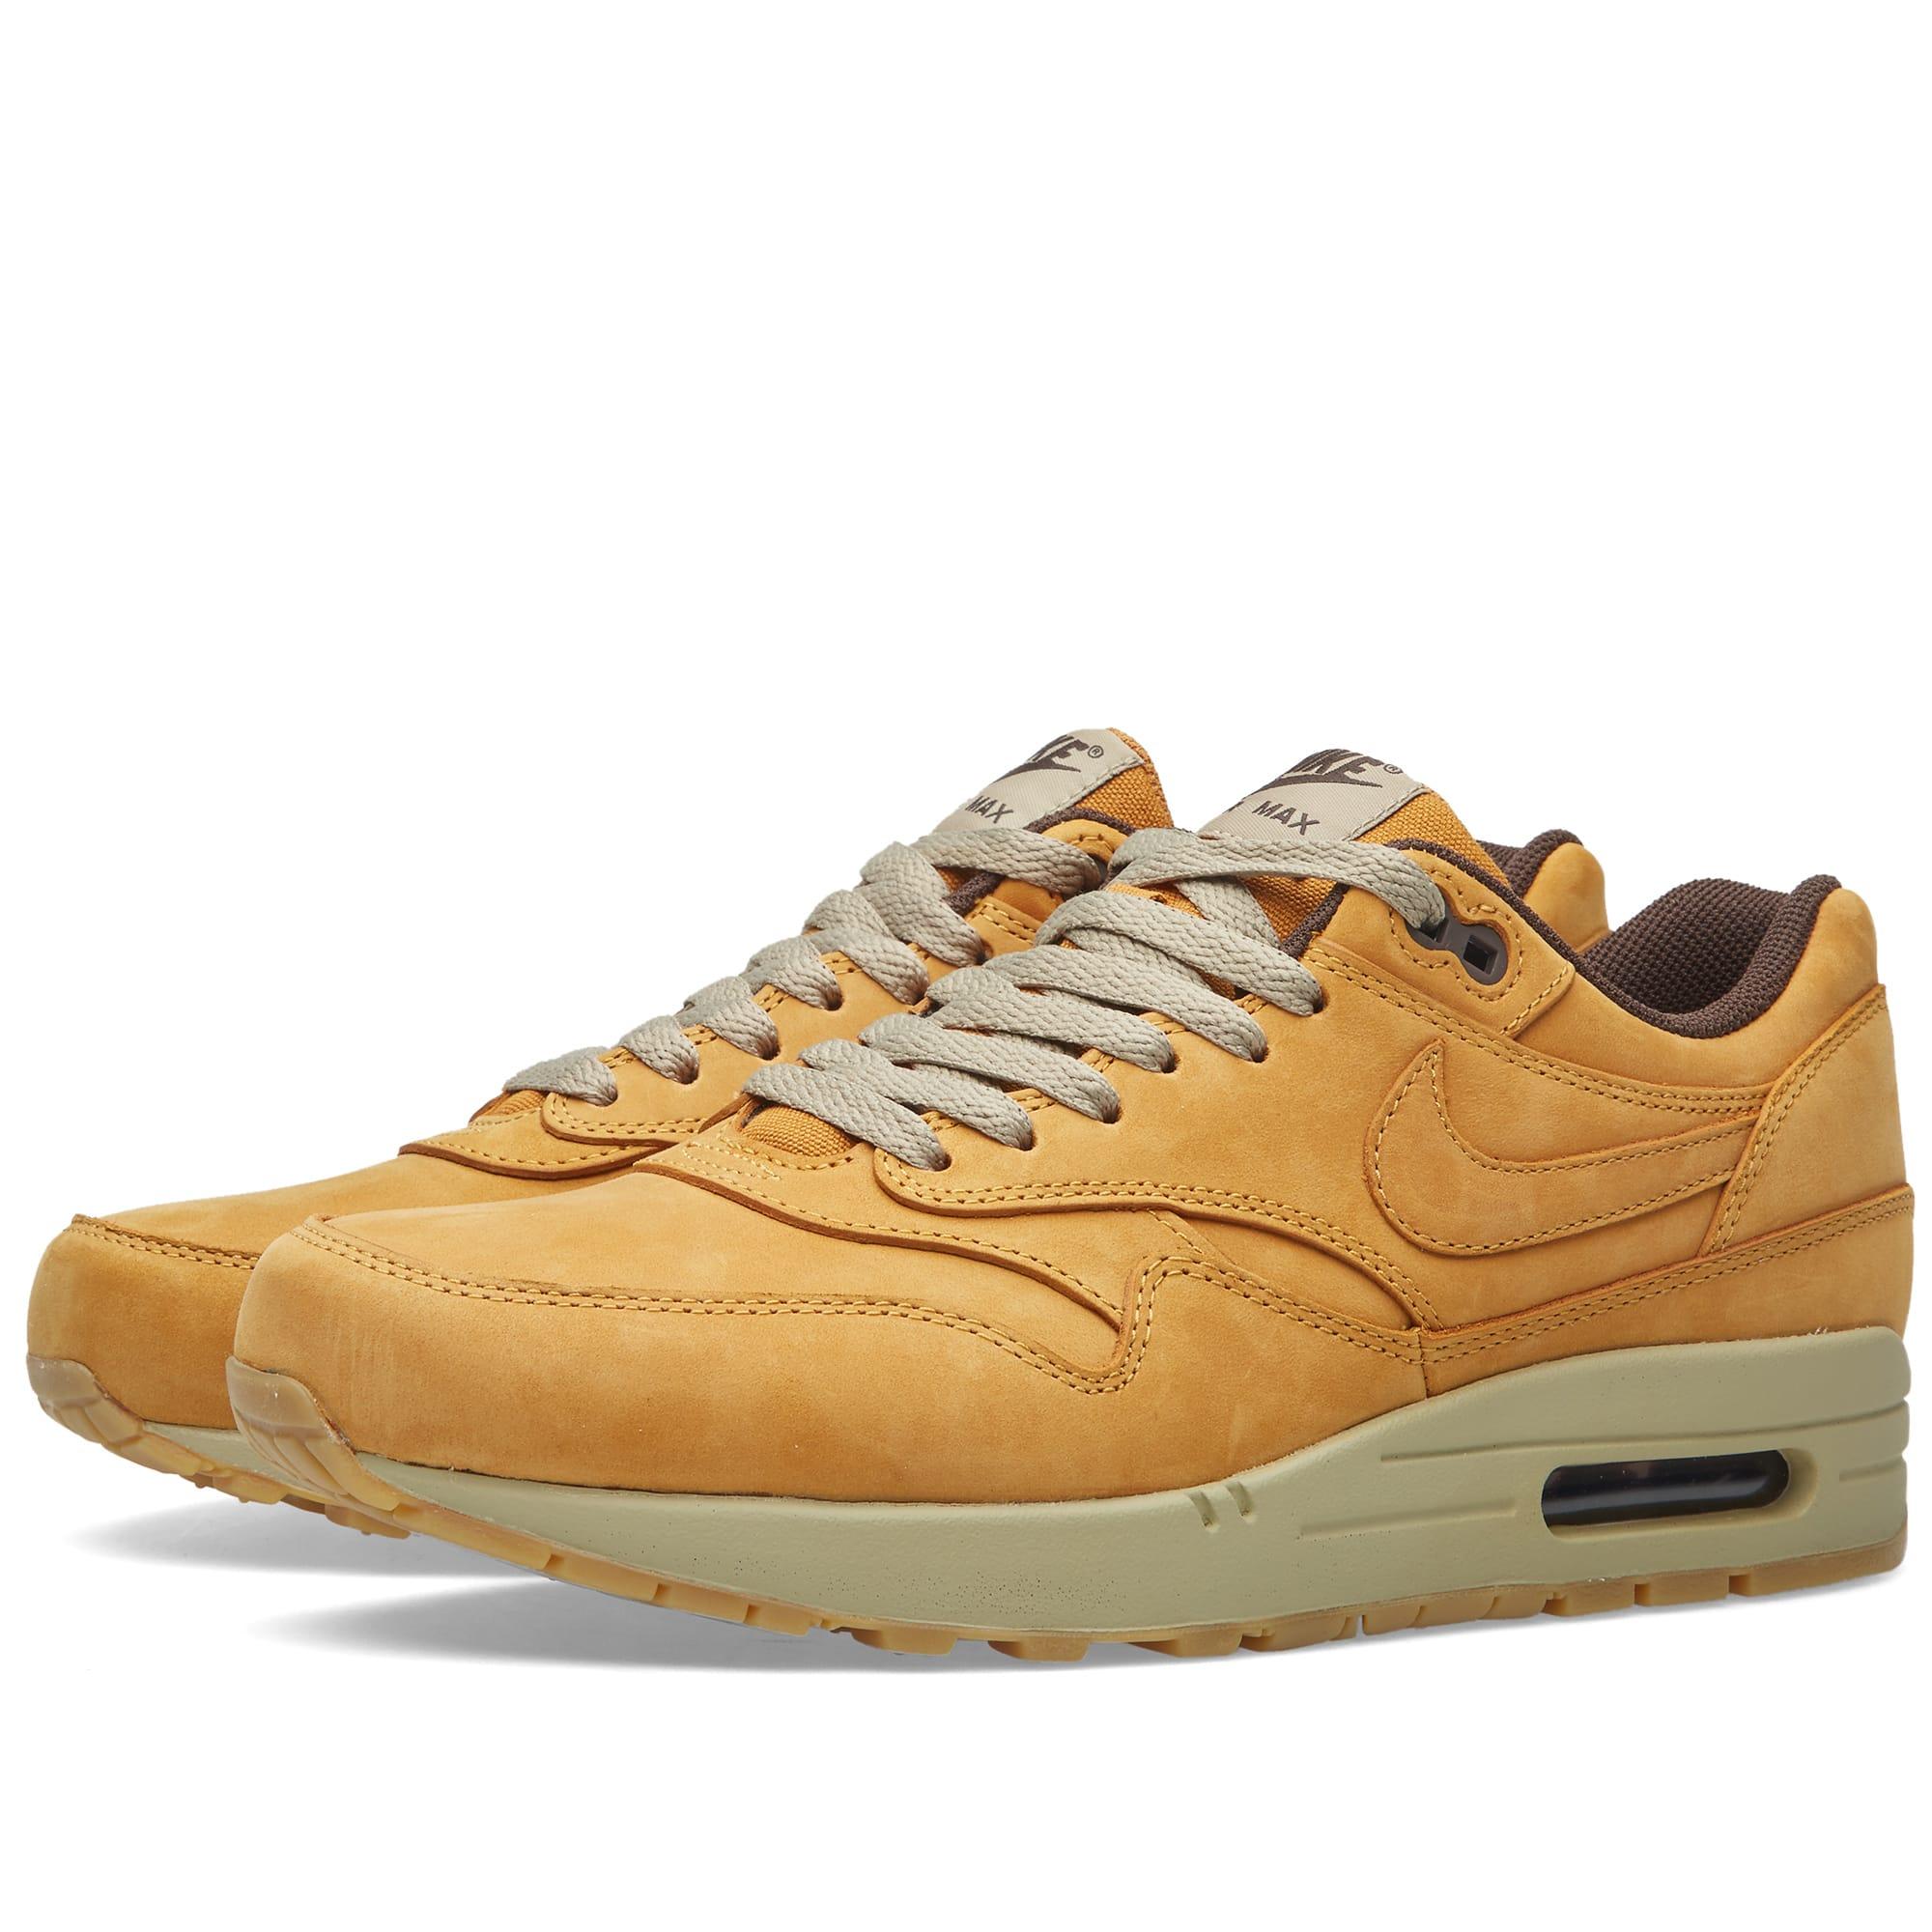 check out 2b696 4b96e Nike Air Max 1 Leather Premium  Wheat